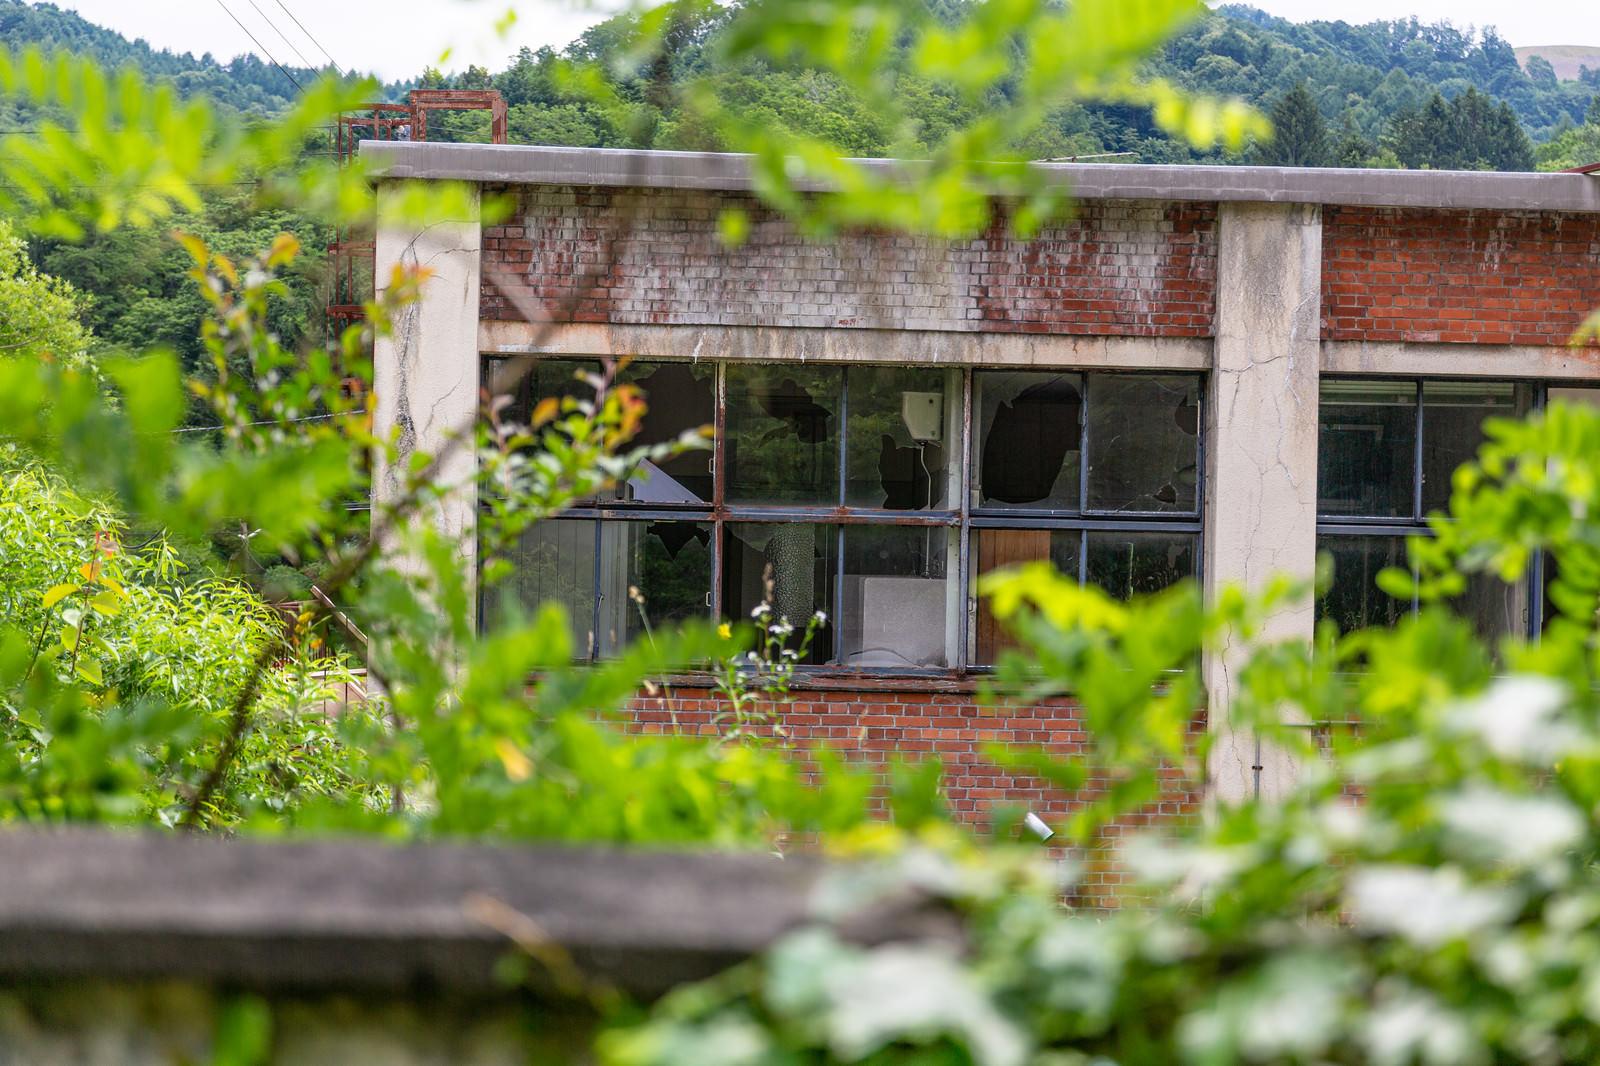 「窓ガラスが割れた古い建物」の写真